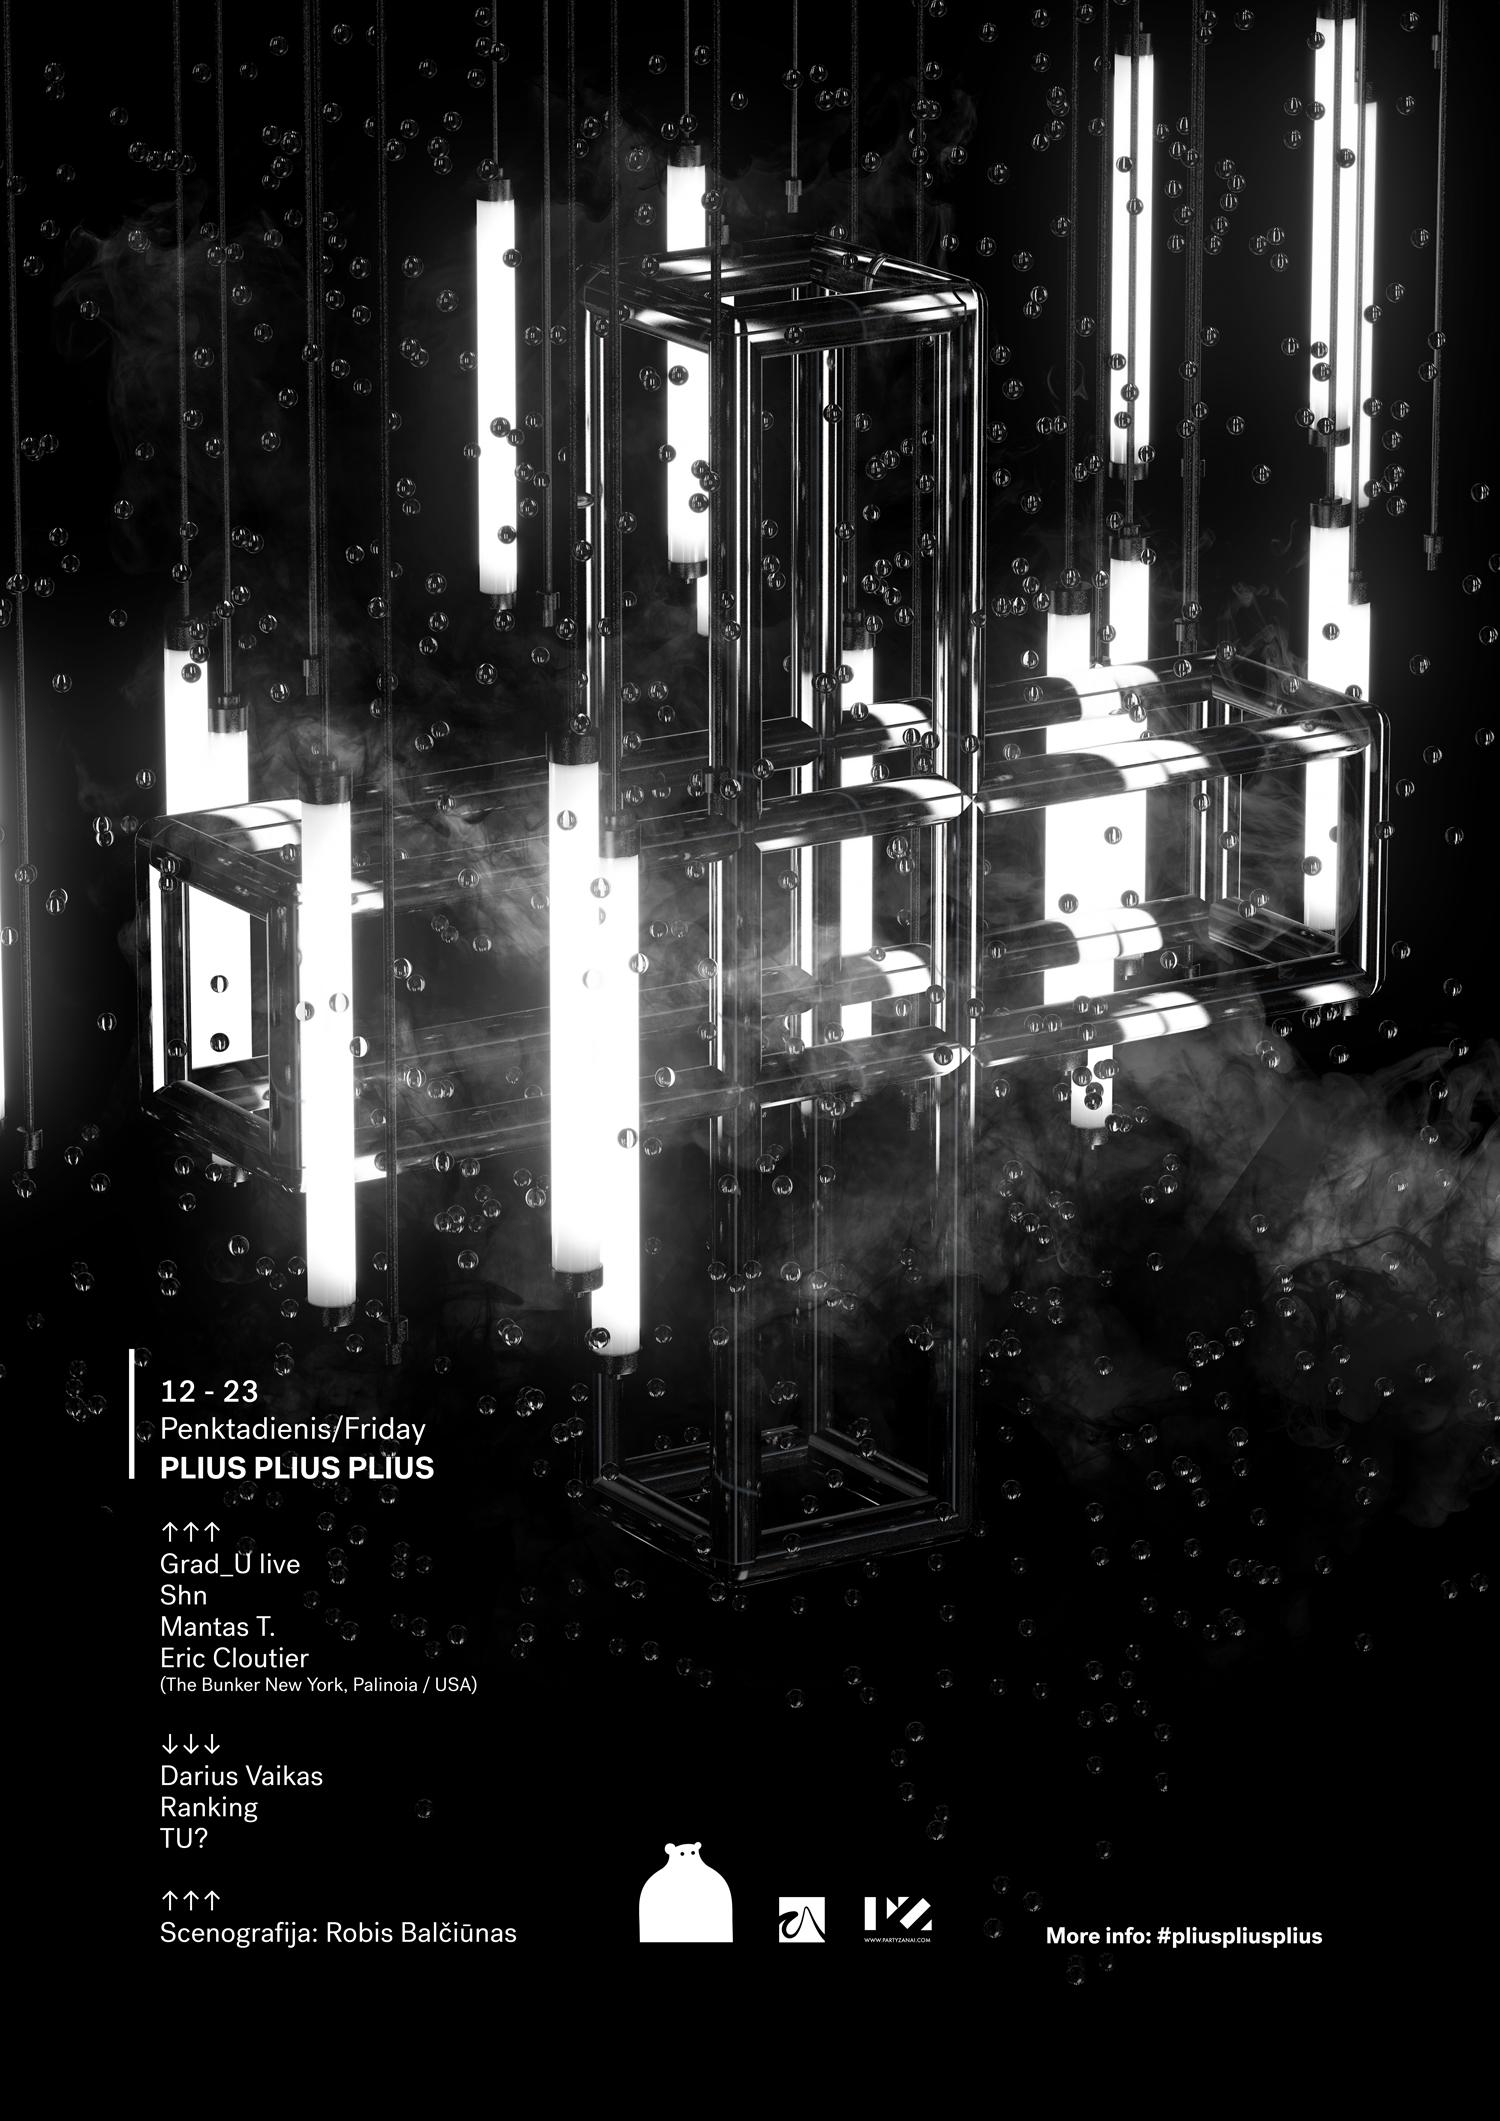 Plius Plius Plius with Eric Cloutier event poster by Romanas Orlovas